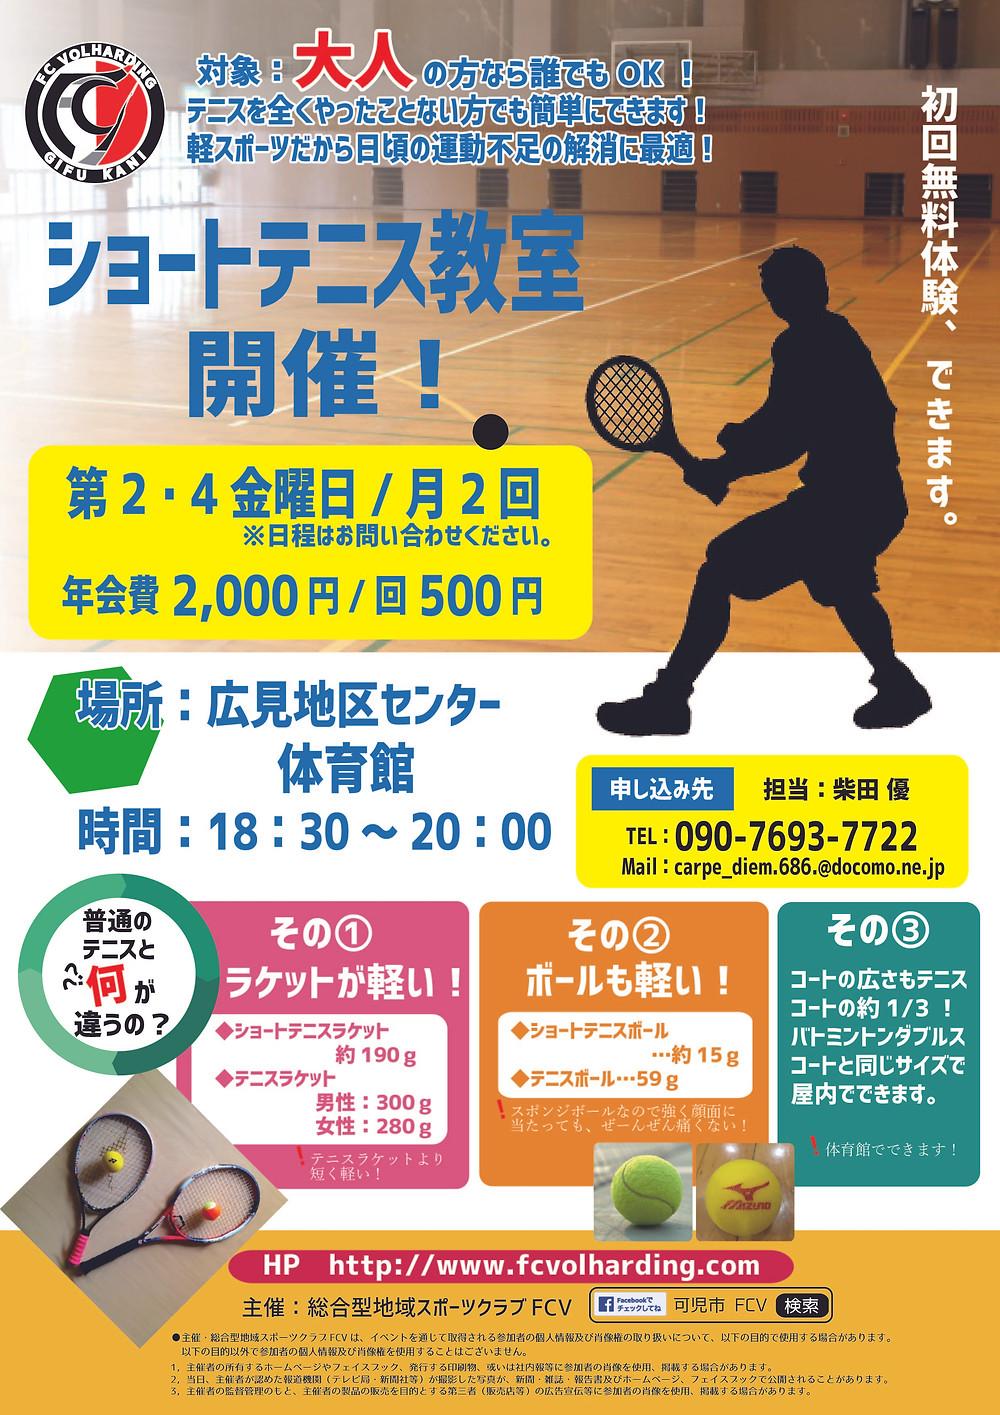 ショートテニス教室生徒募集のお知らせ